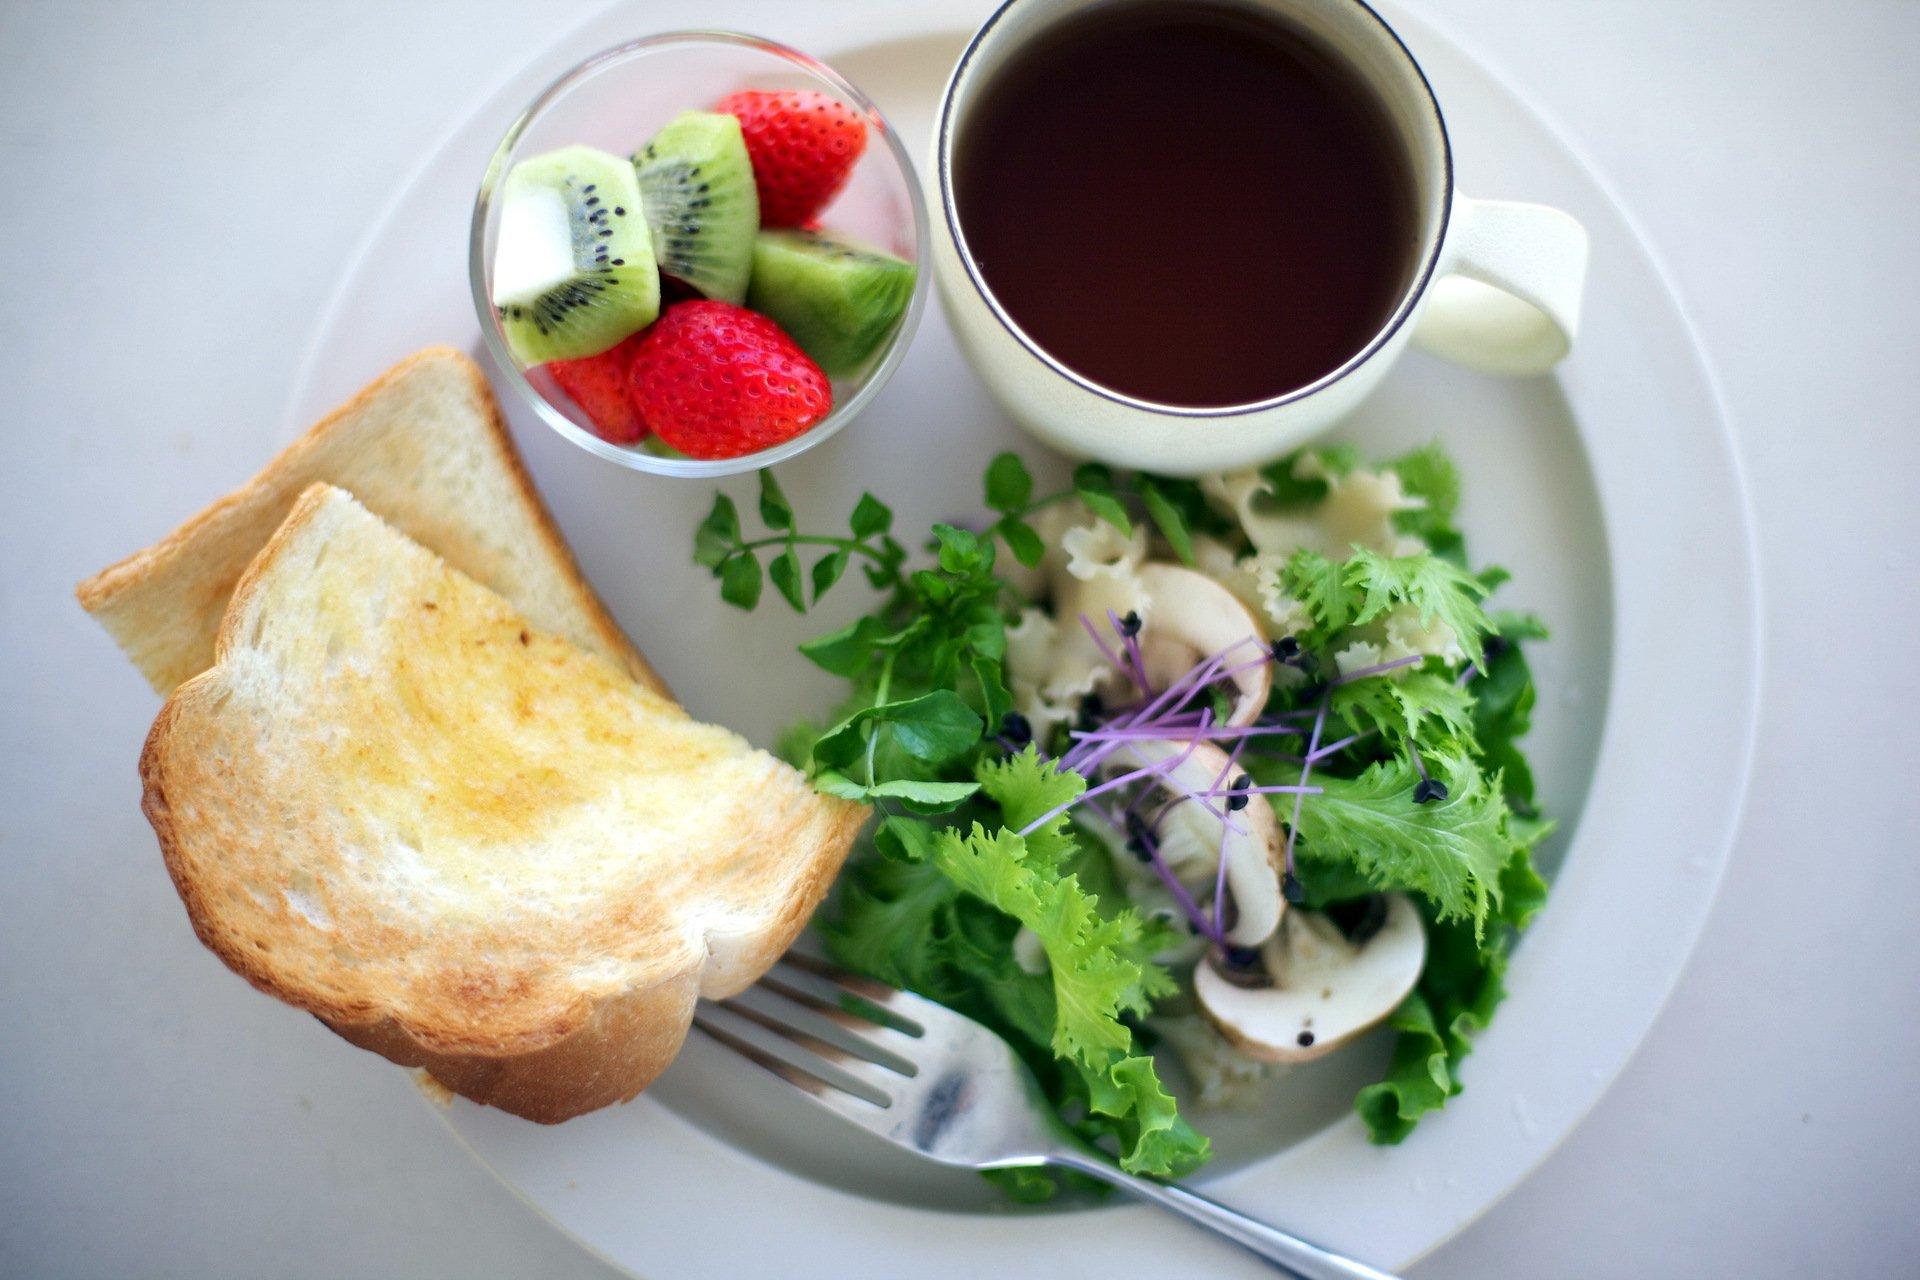 с добрым утром картинки с едой на тарелке прикольные группа